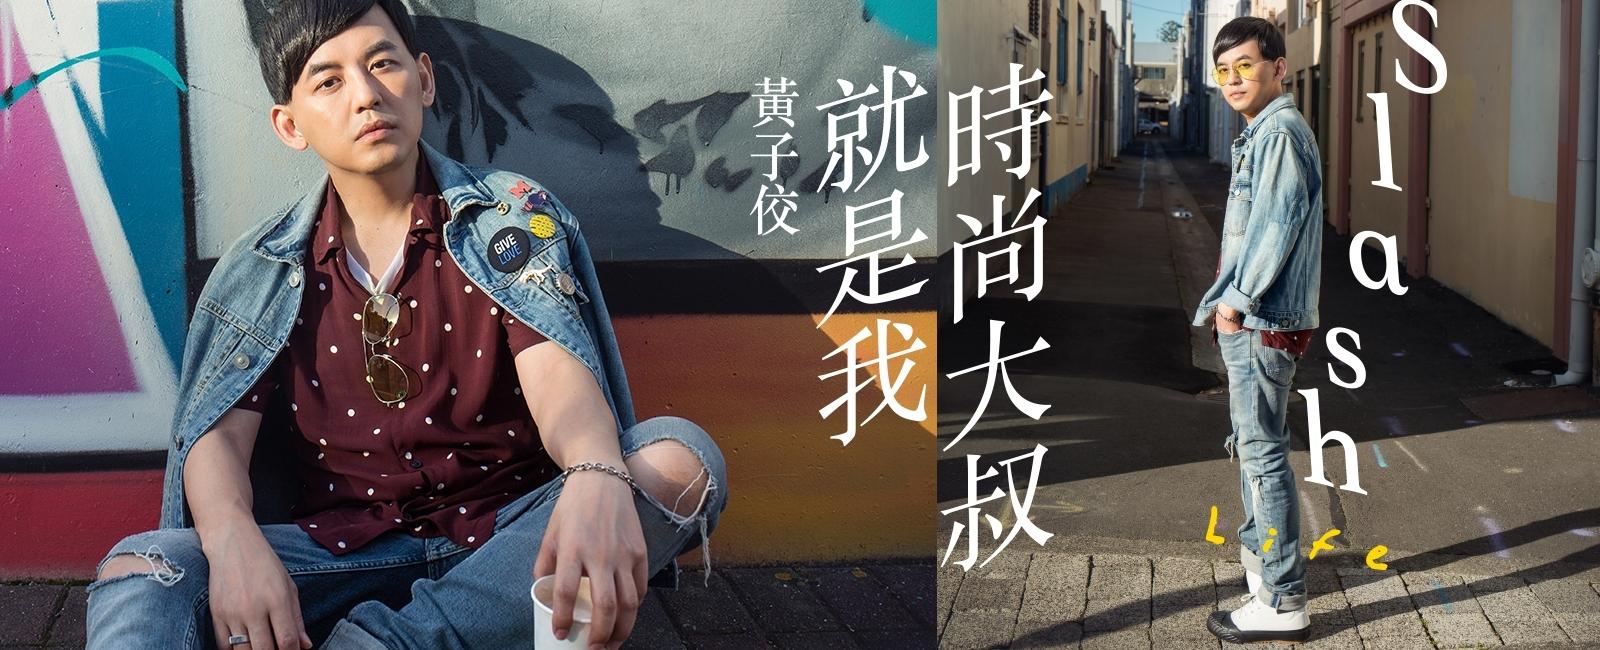 封面專訪/黃子佼  時尚大叔紐西蘭初體驗